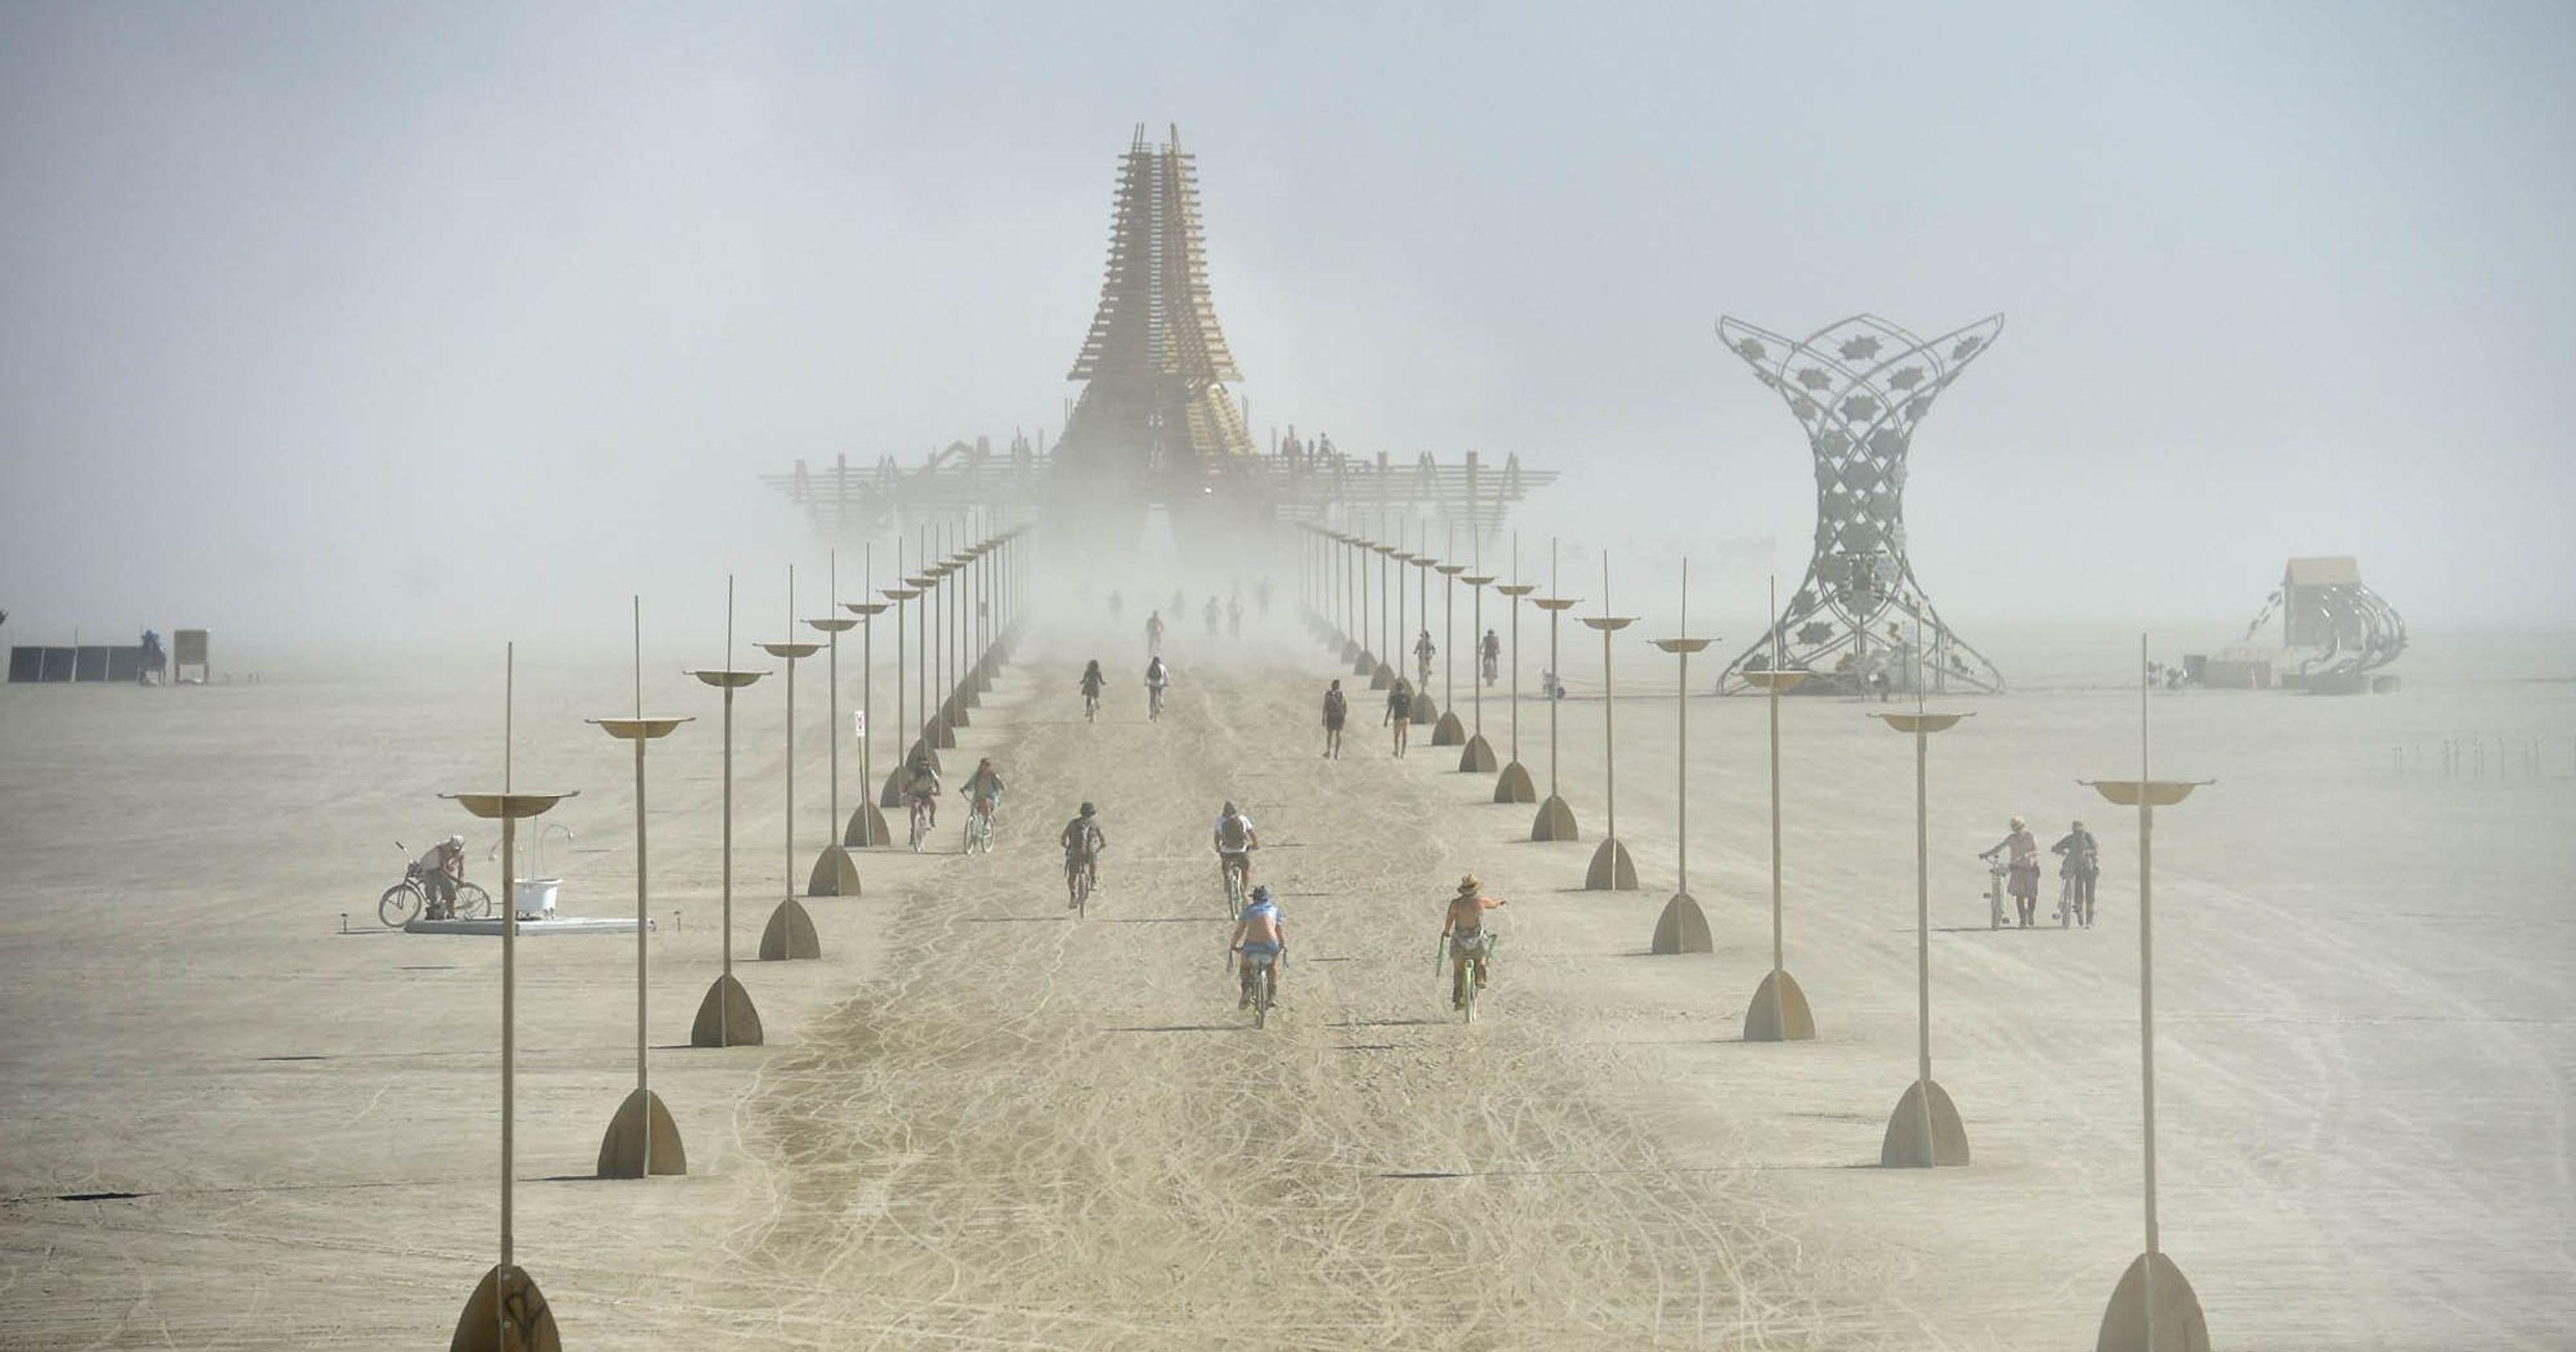 Além do Brasil, outros x países recebem suas próprias versões do Burning Man. Foto: divulgação